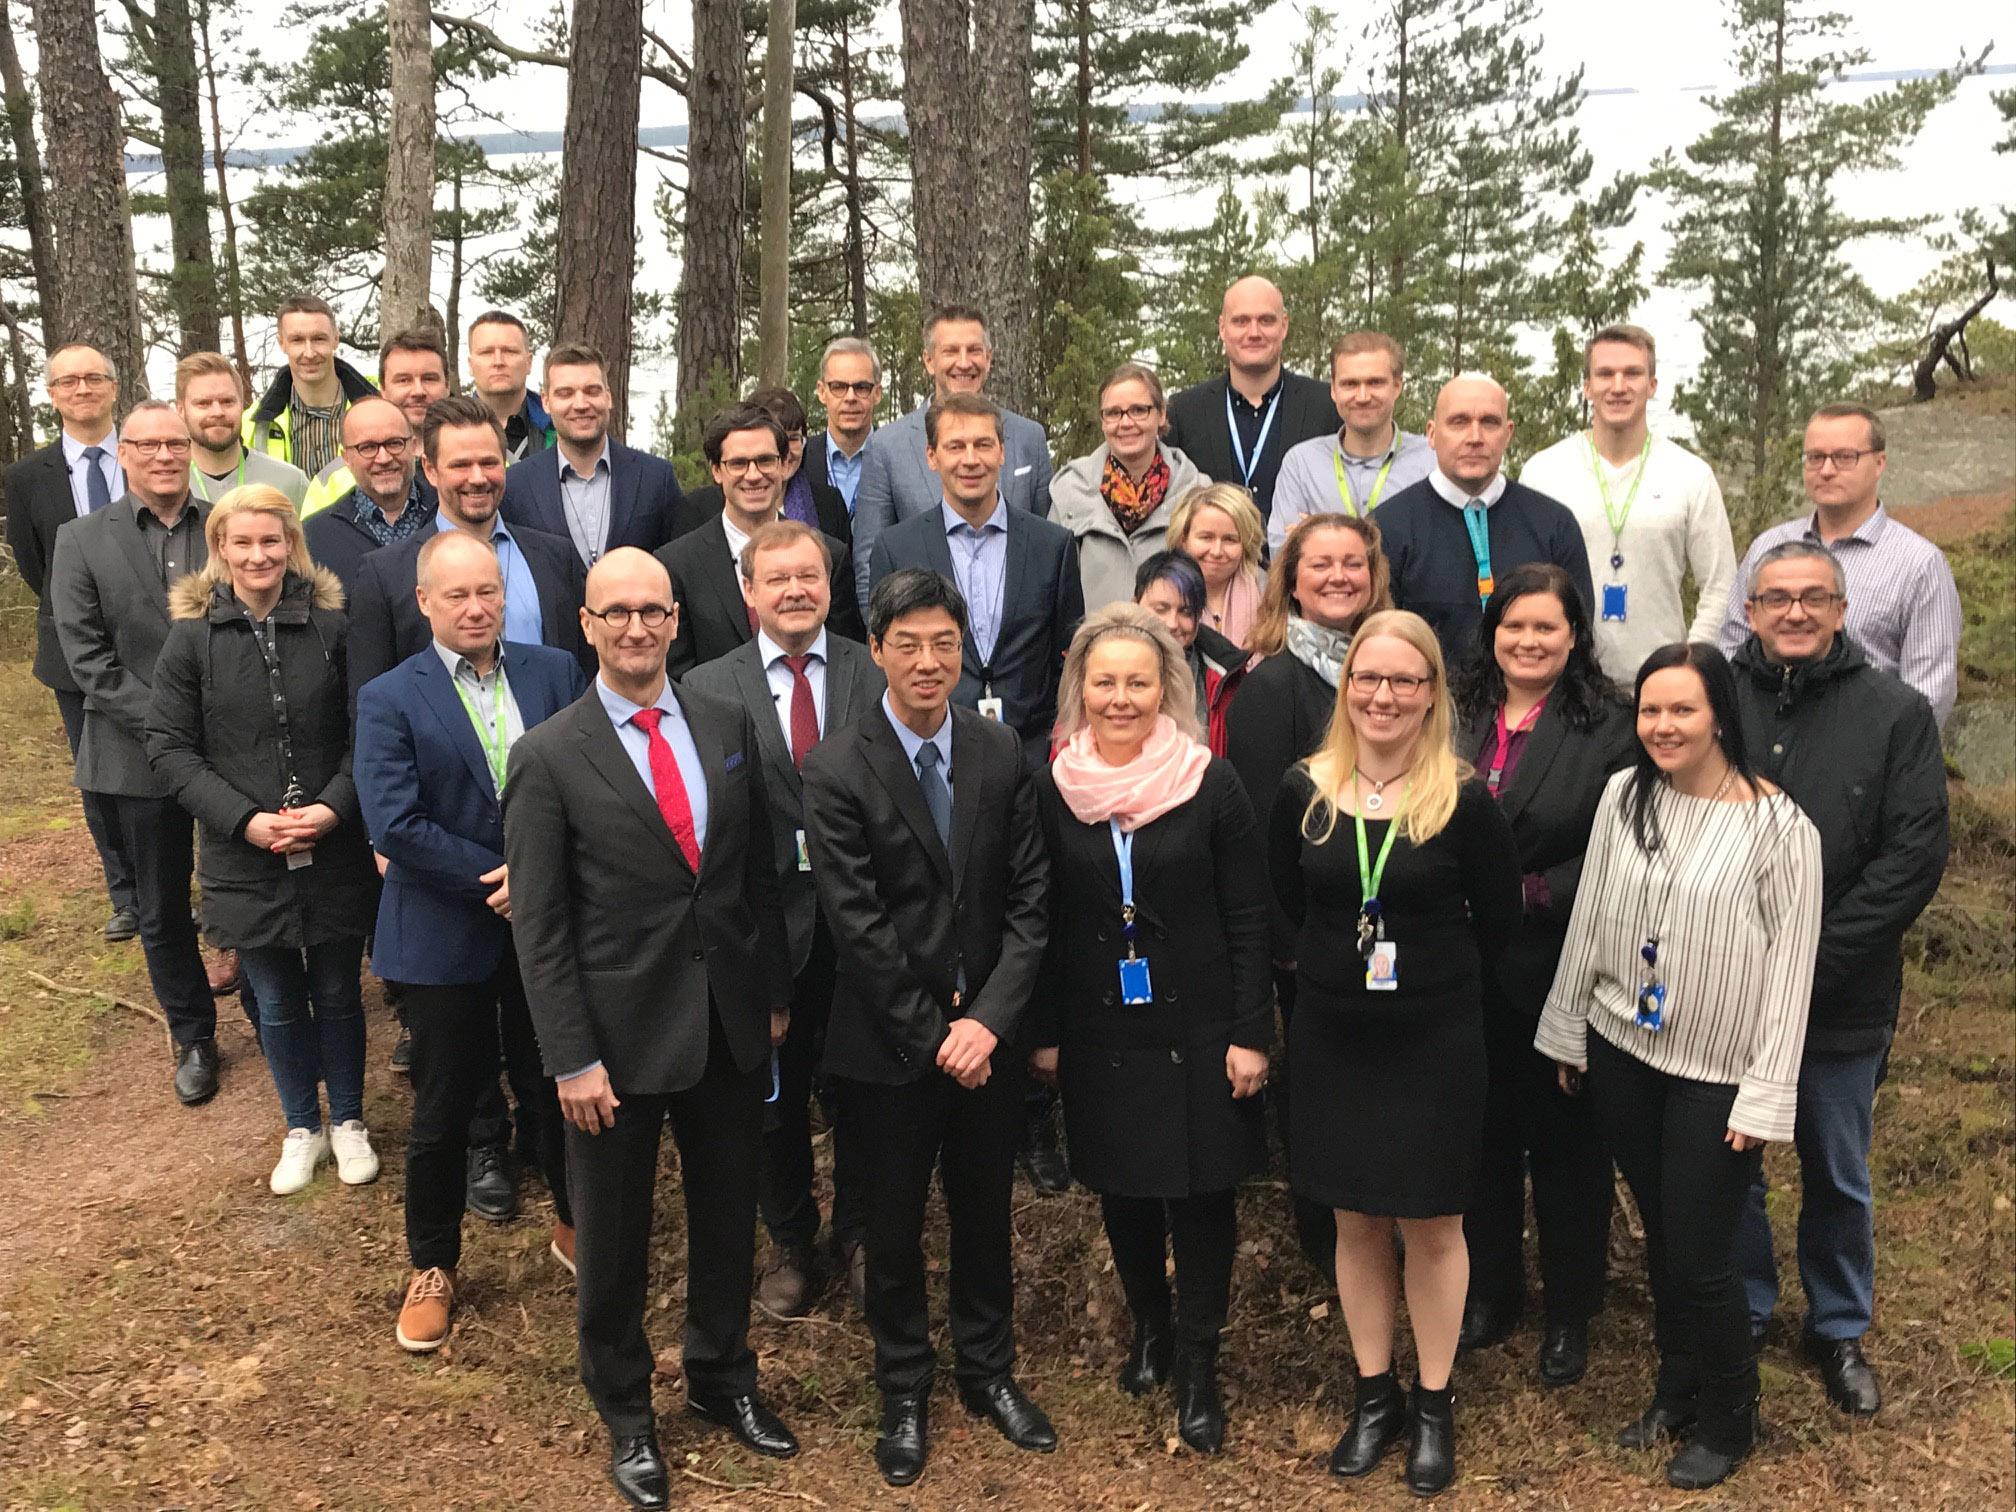 IAEA OSART and Fortum's Loviisa power plant team at Loviisa in Feb 2020